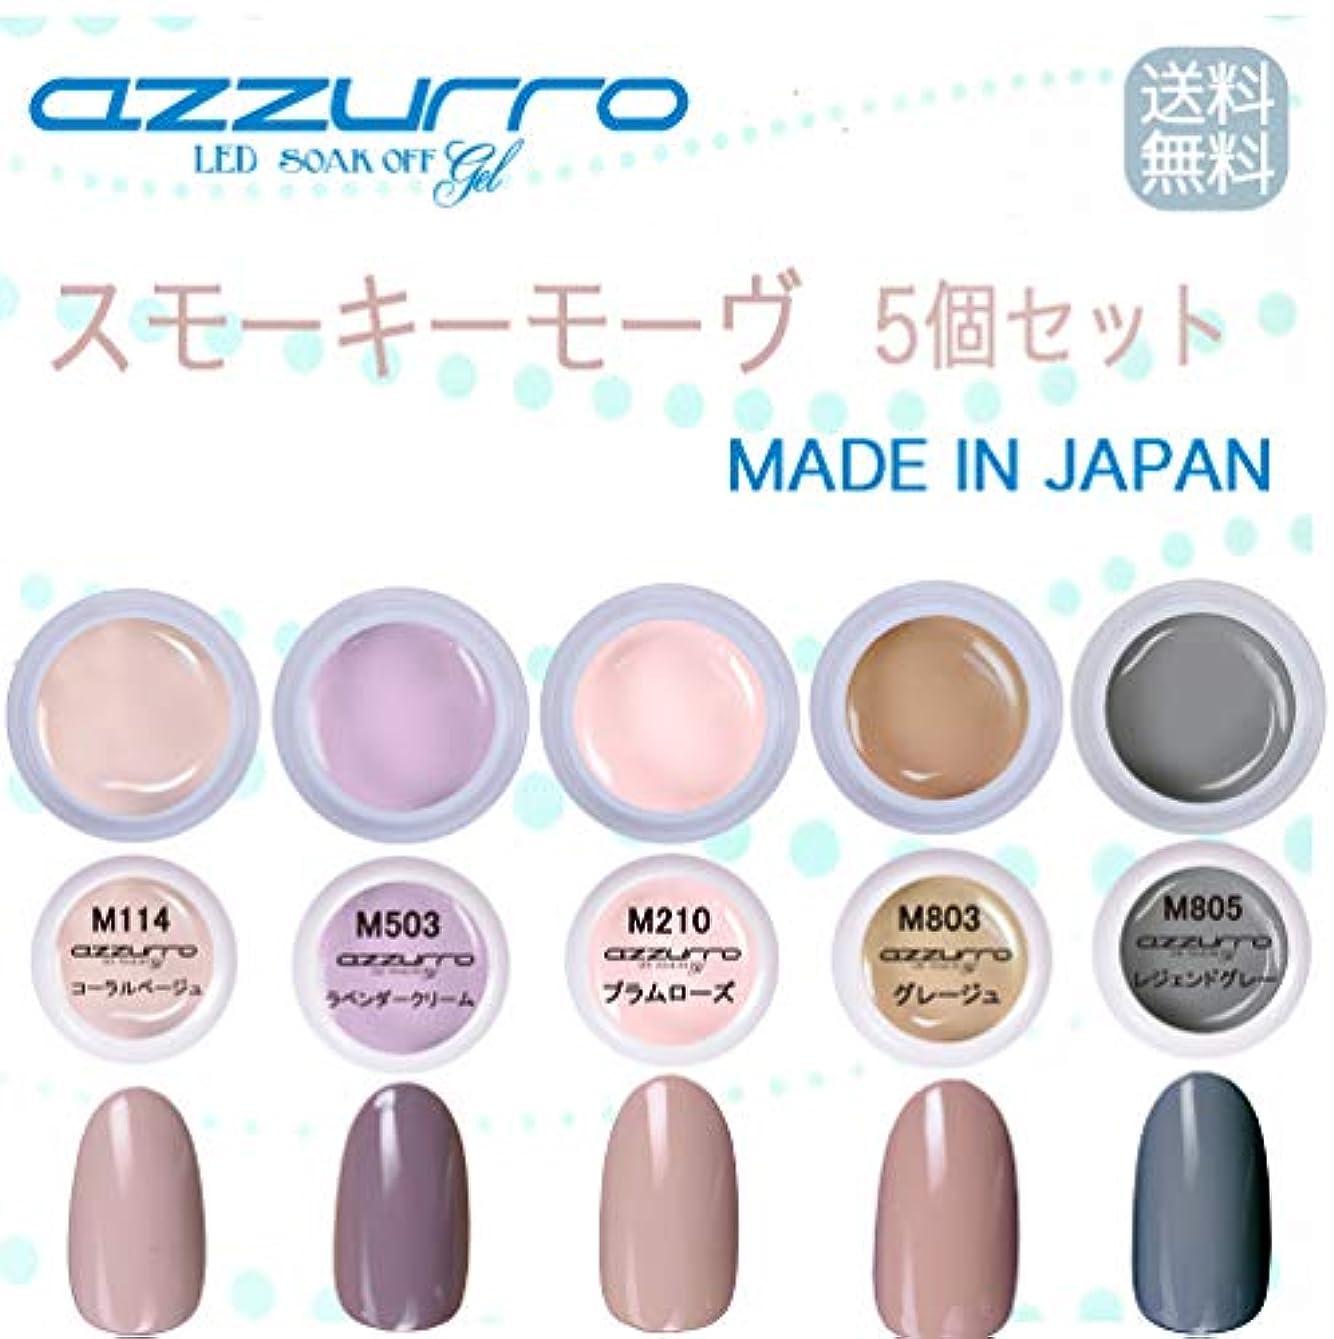 発生ベジタリアン排他的【送料無料】日本製 azzurro gel スモーキーモーヴカラージェル5個セット 春色にもかかせないとスモーキーなモーヴカラー